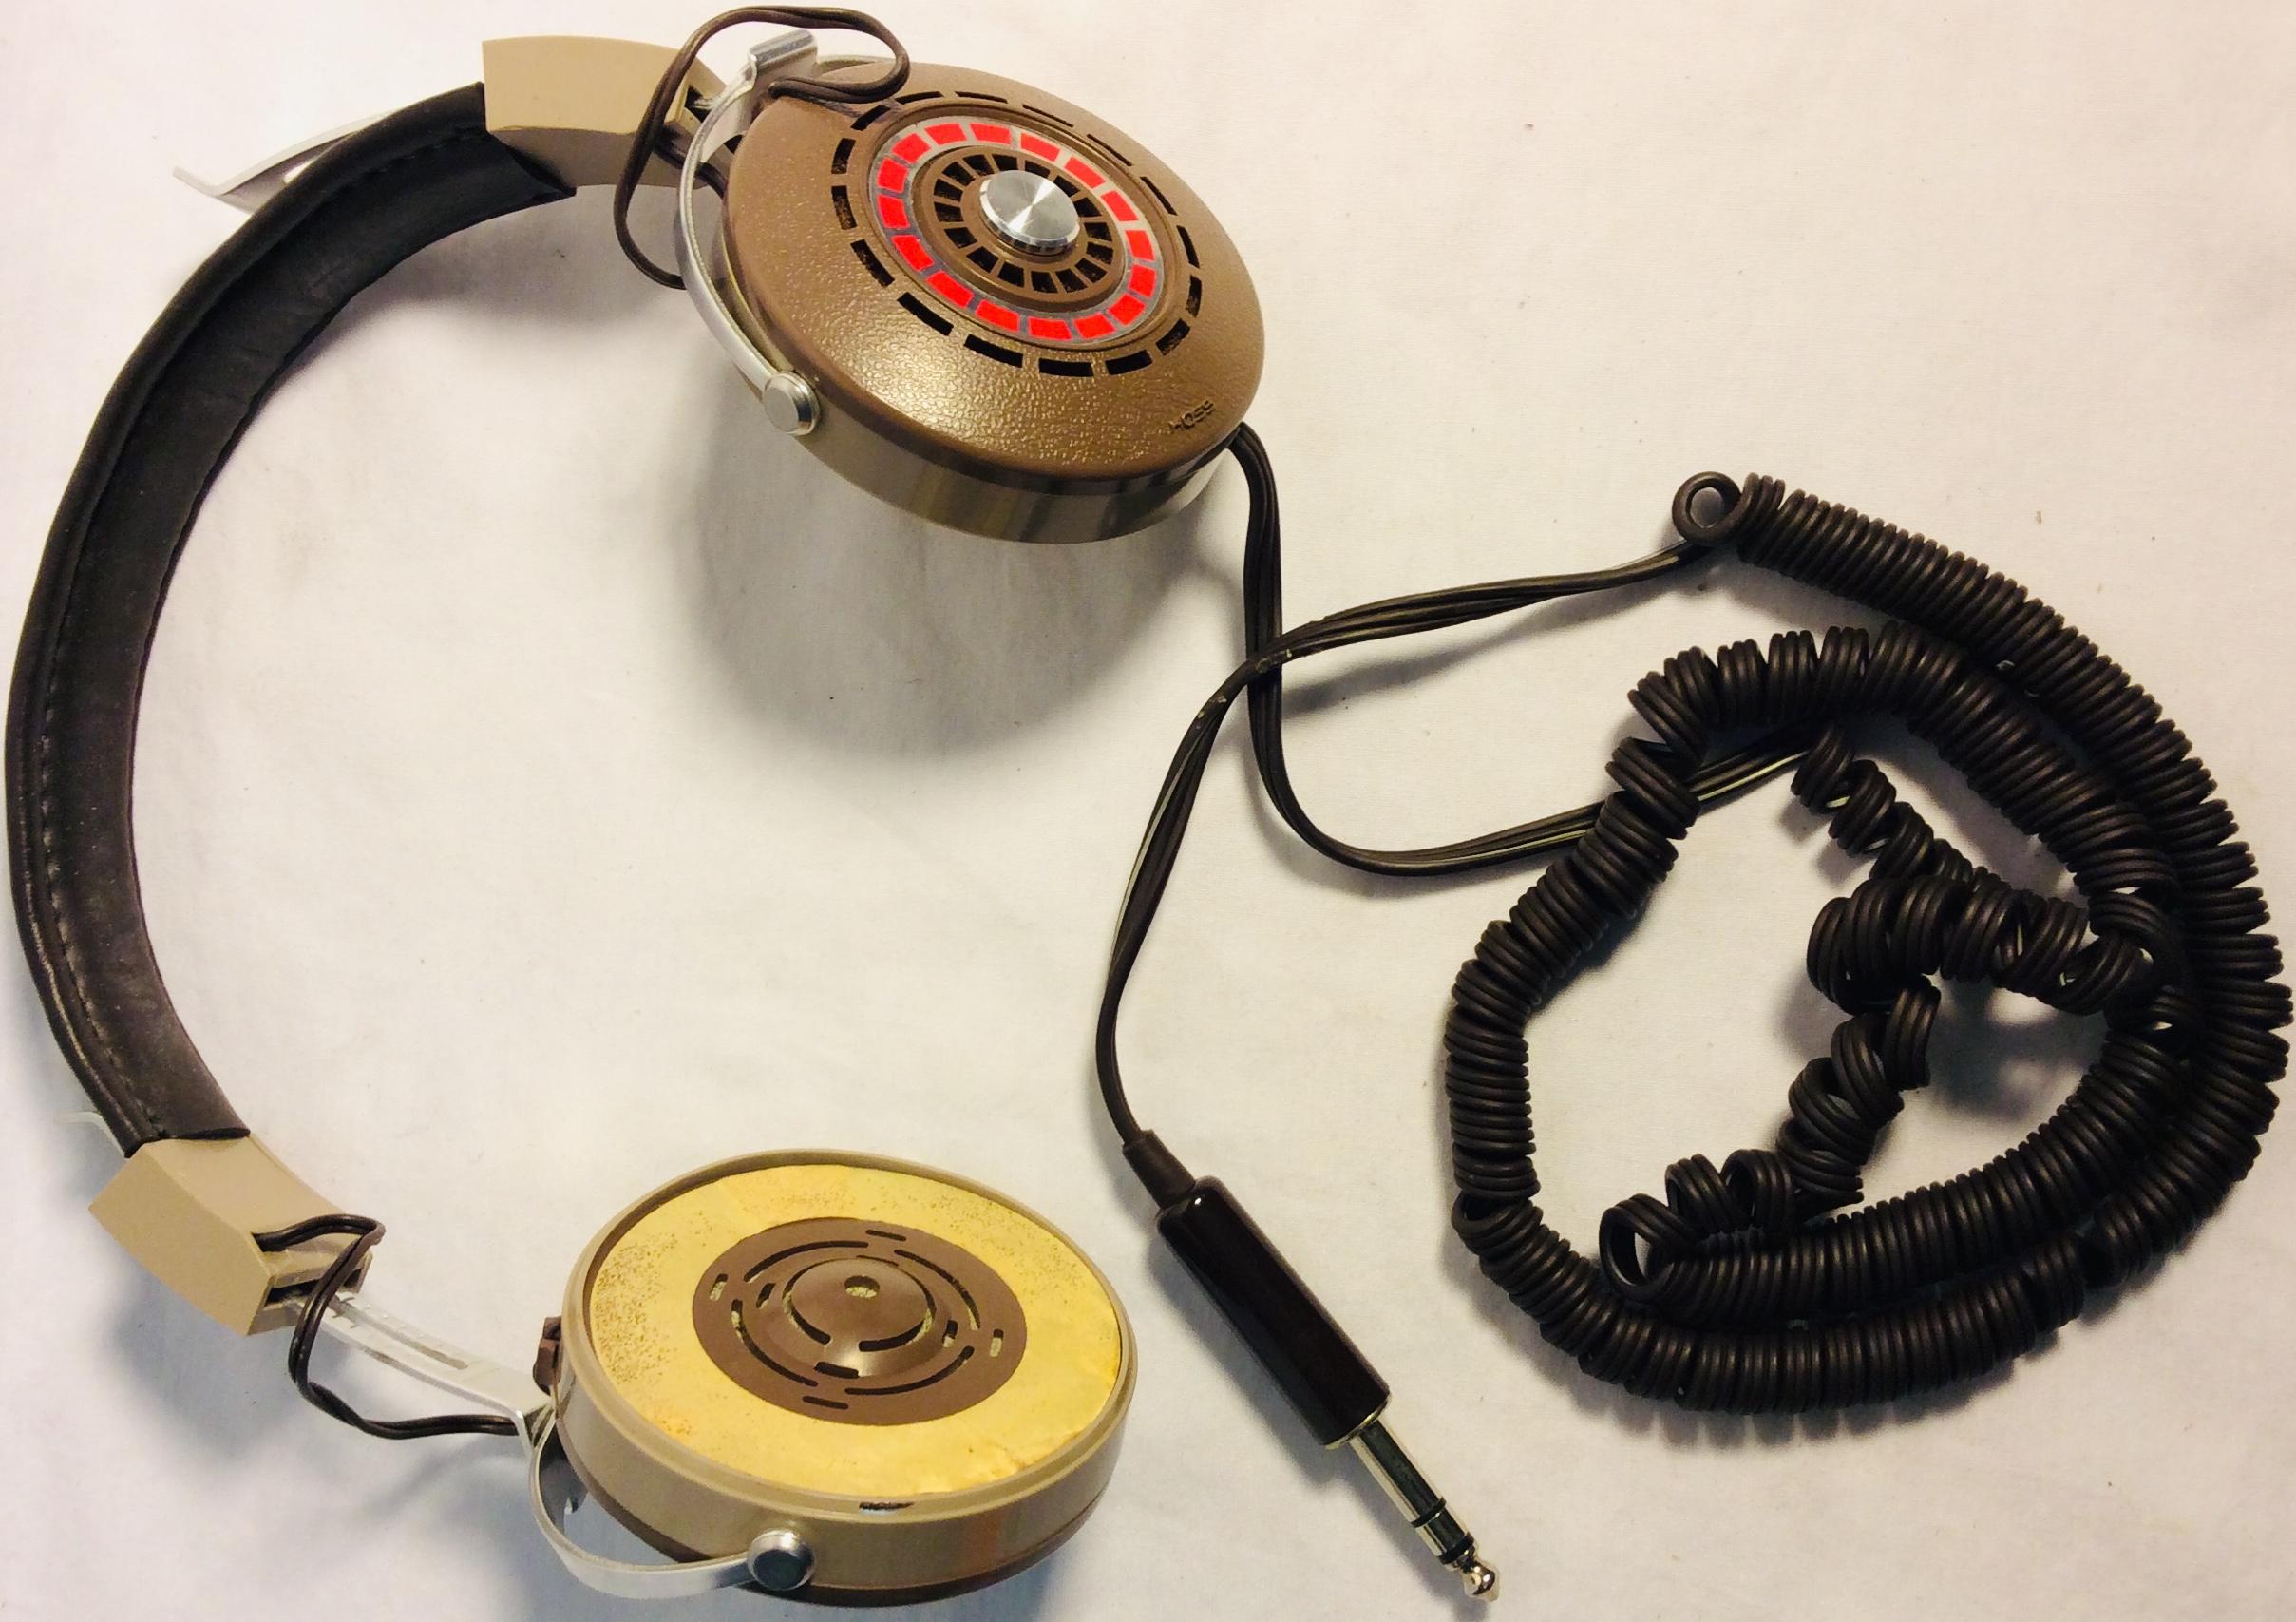 Koss Vintage headphones